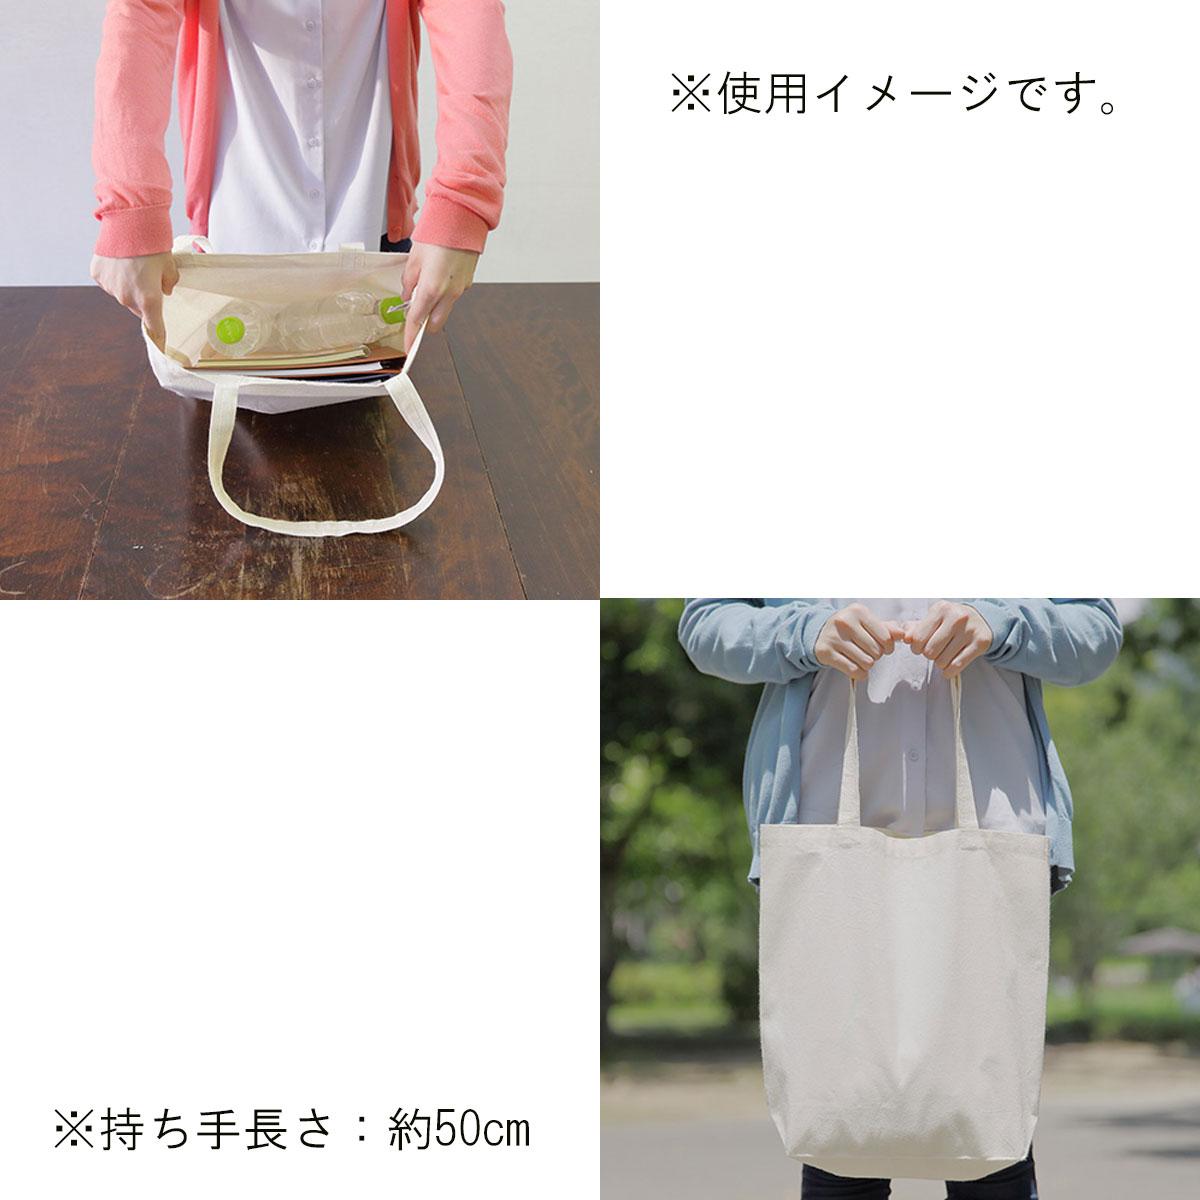 リサイクルコットンエコバッグ 底マチ(既製品)